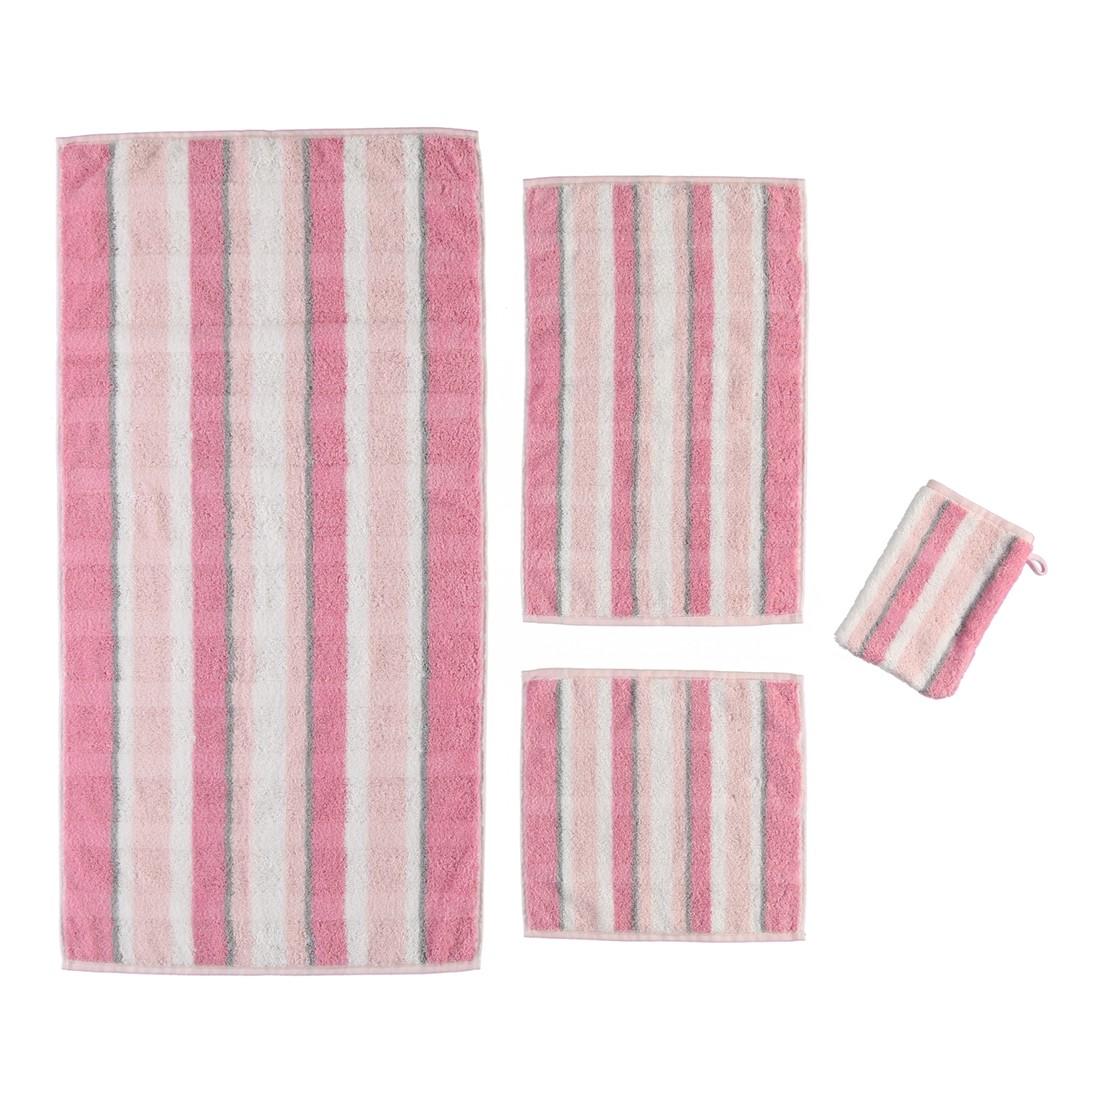 Handtuch Noblesse Perlmutt – 100% Baumwolle puder – 22 – Seiflappen: 30 x 30 cm, Cawö online bestellen